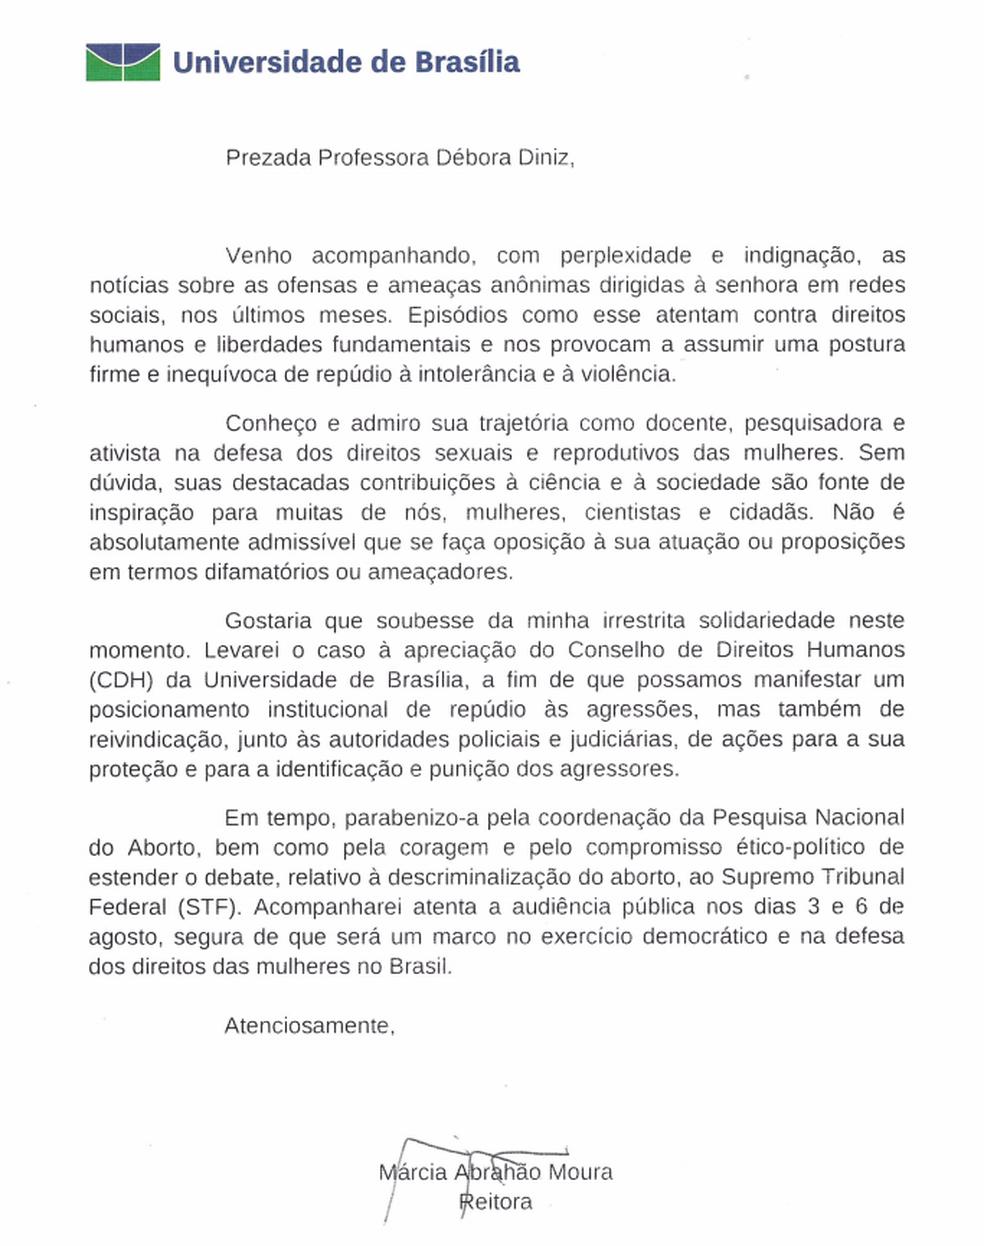 Carta enviada pela reitoria da UnB à Debora Diniz (Foto: Reprodução)